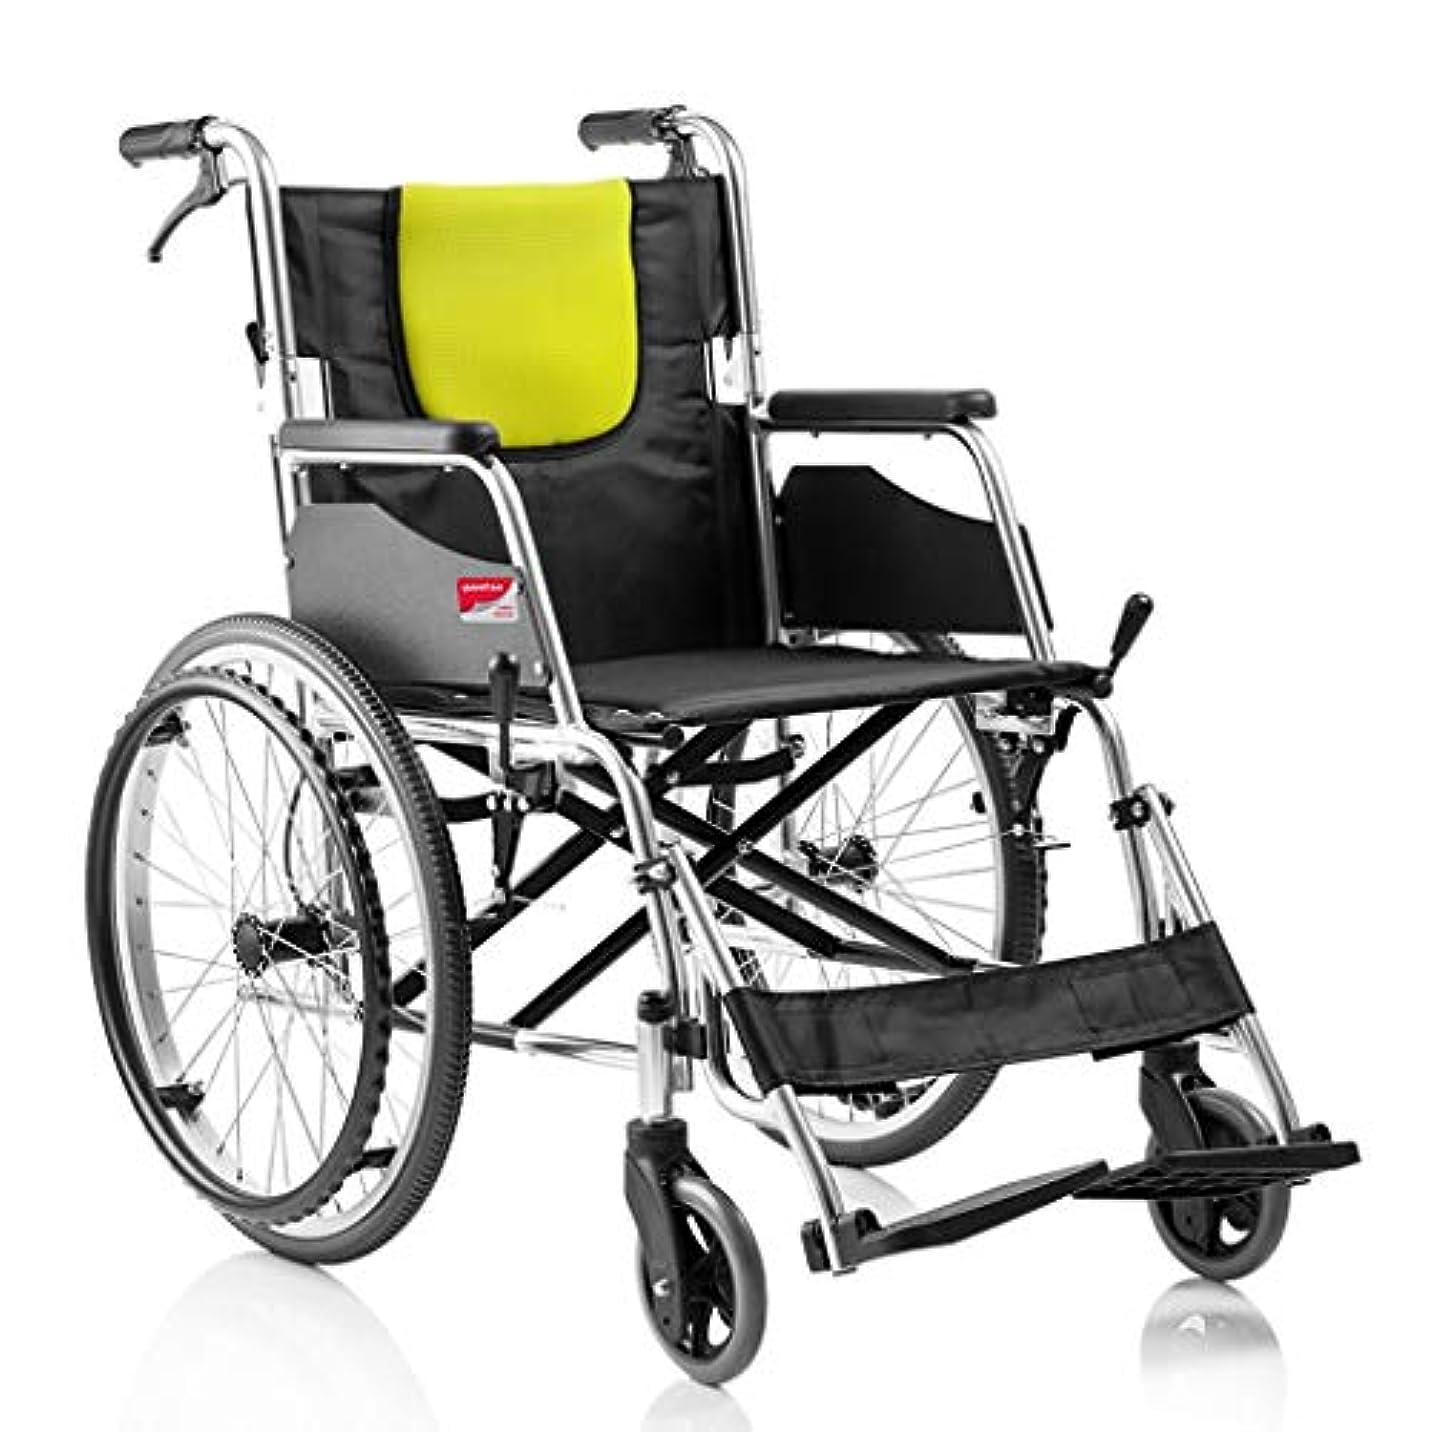 雪だるま無視梨車椅子折りたたみ式、手動車椅子無料インフレータブルダブルブレーキデザイン、老人の手押し車椅子